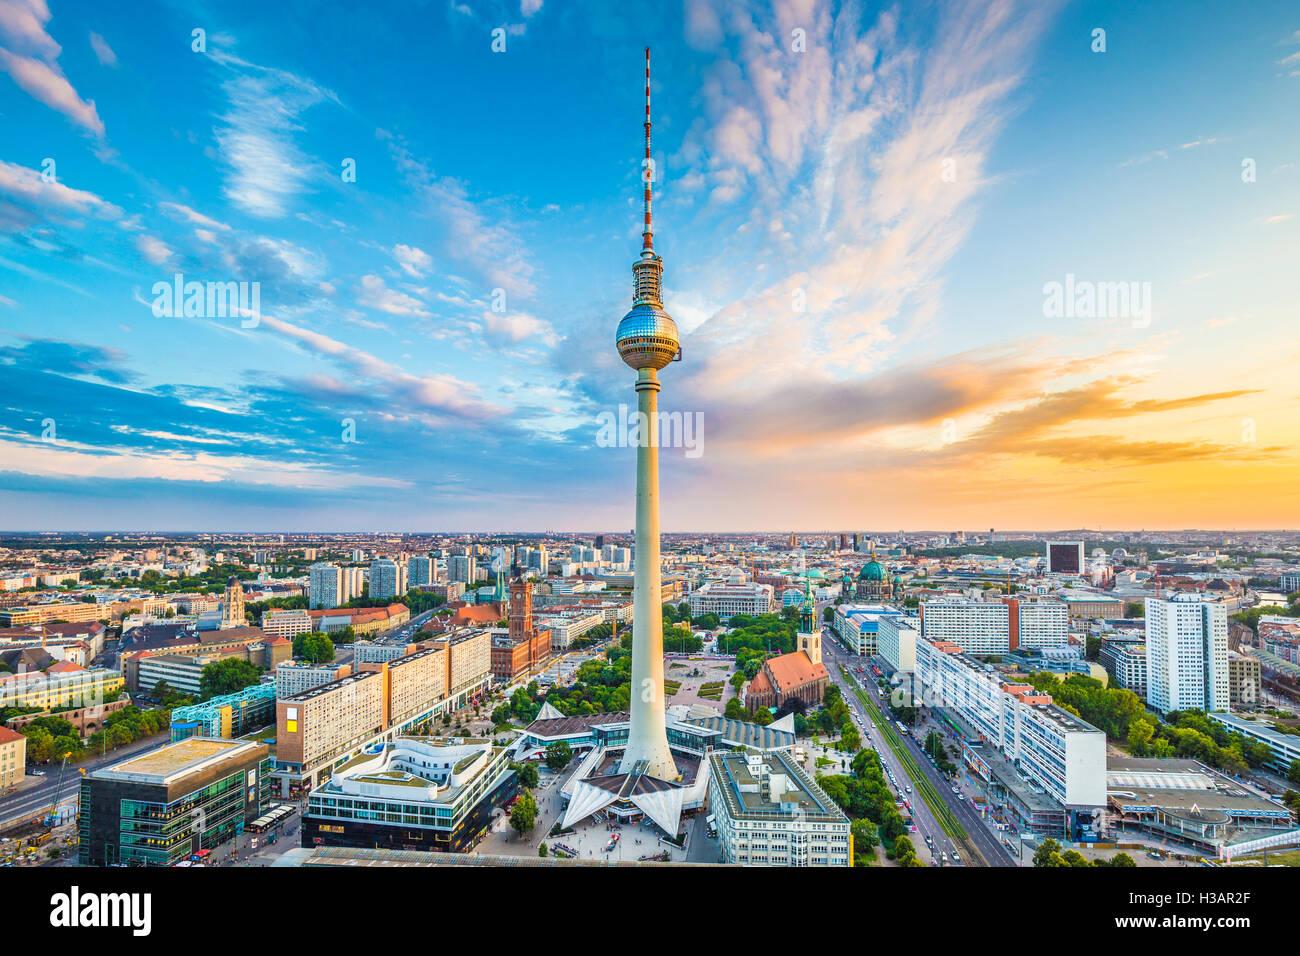 Berlin Skyline Panorama mit berühmten Fernsehturm am Alexanderplatz und dramatische Wolken bei Sonnenuntergang, Stockbild